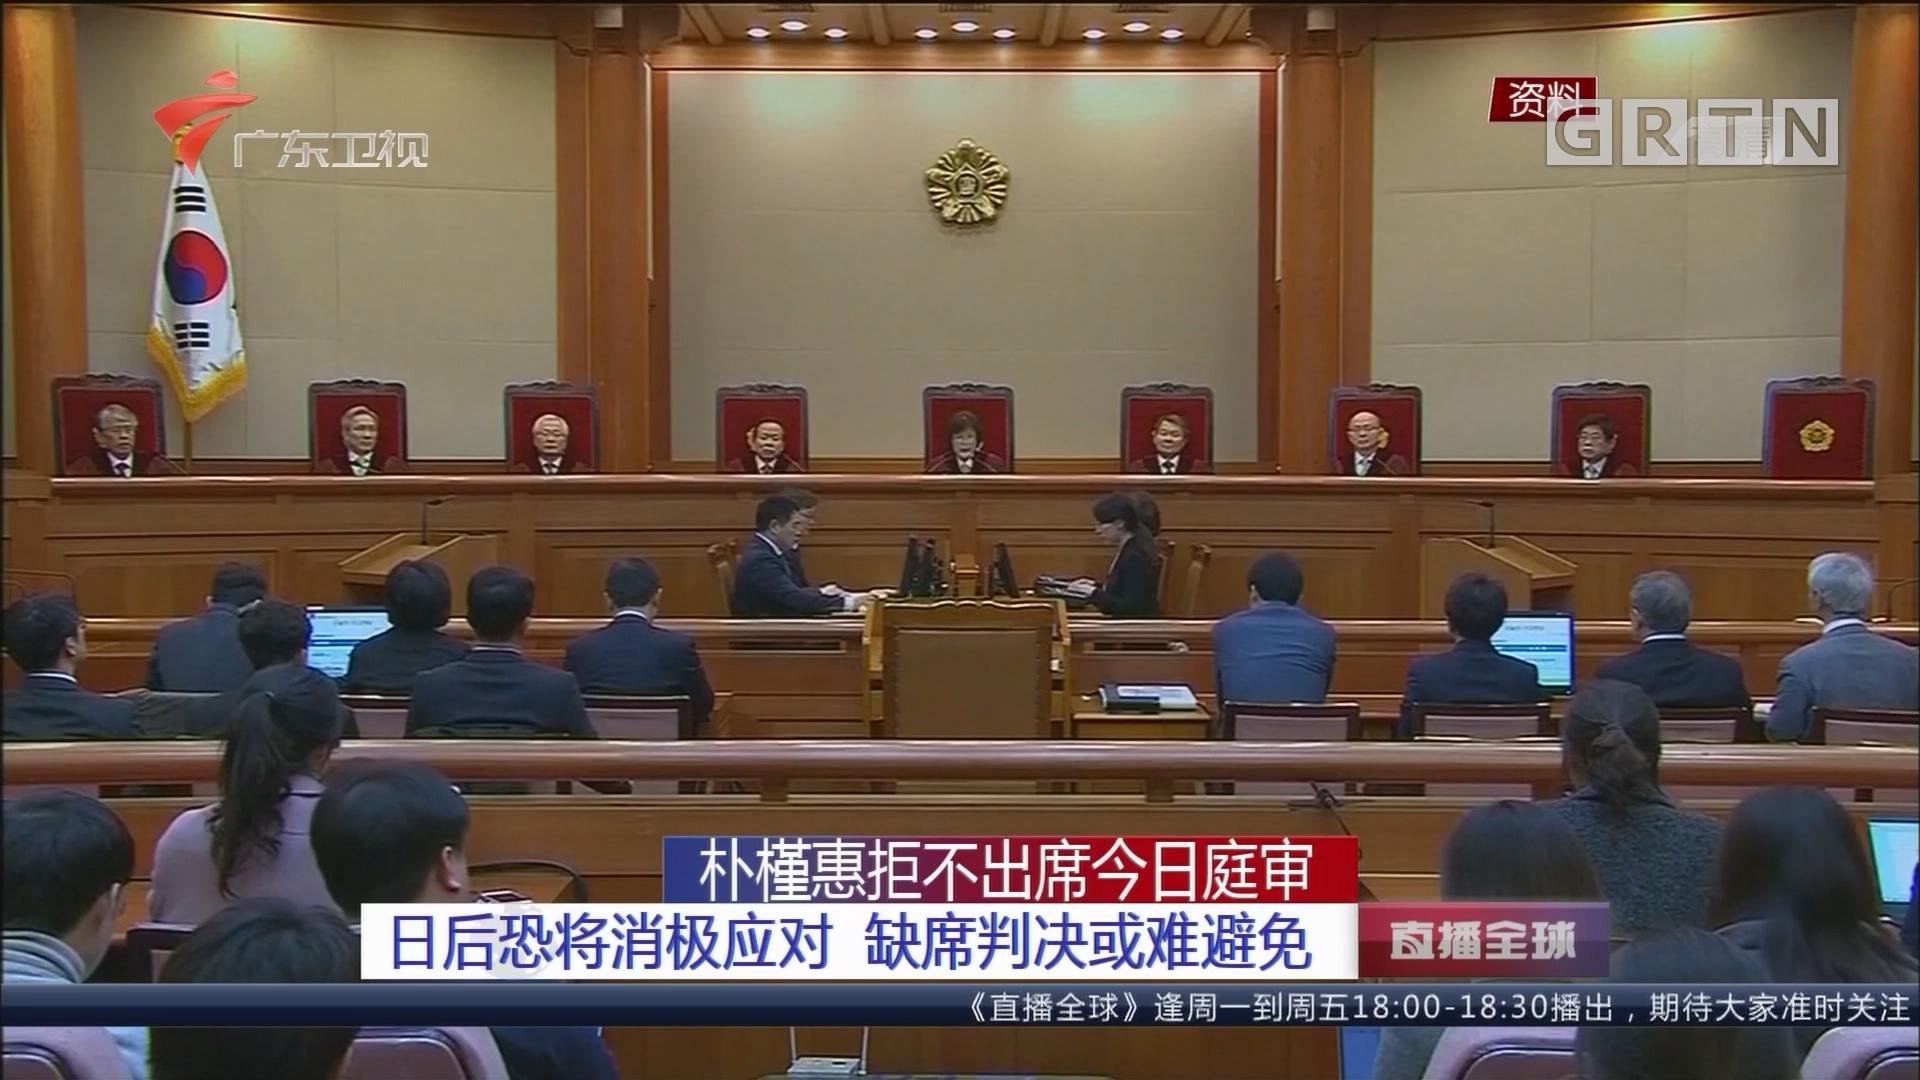 朴槿惠拒不出席今日庭审:日后恐将消极应对 缺席判决或难避免